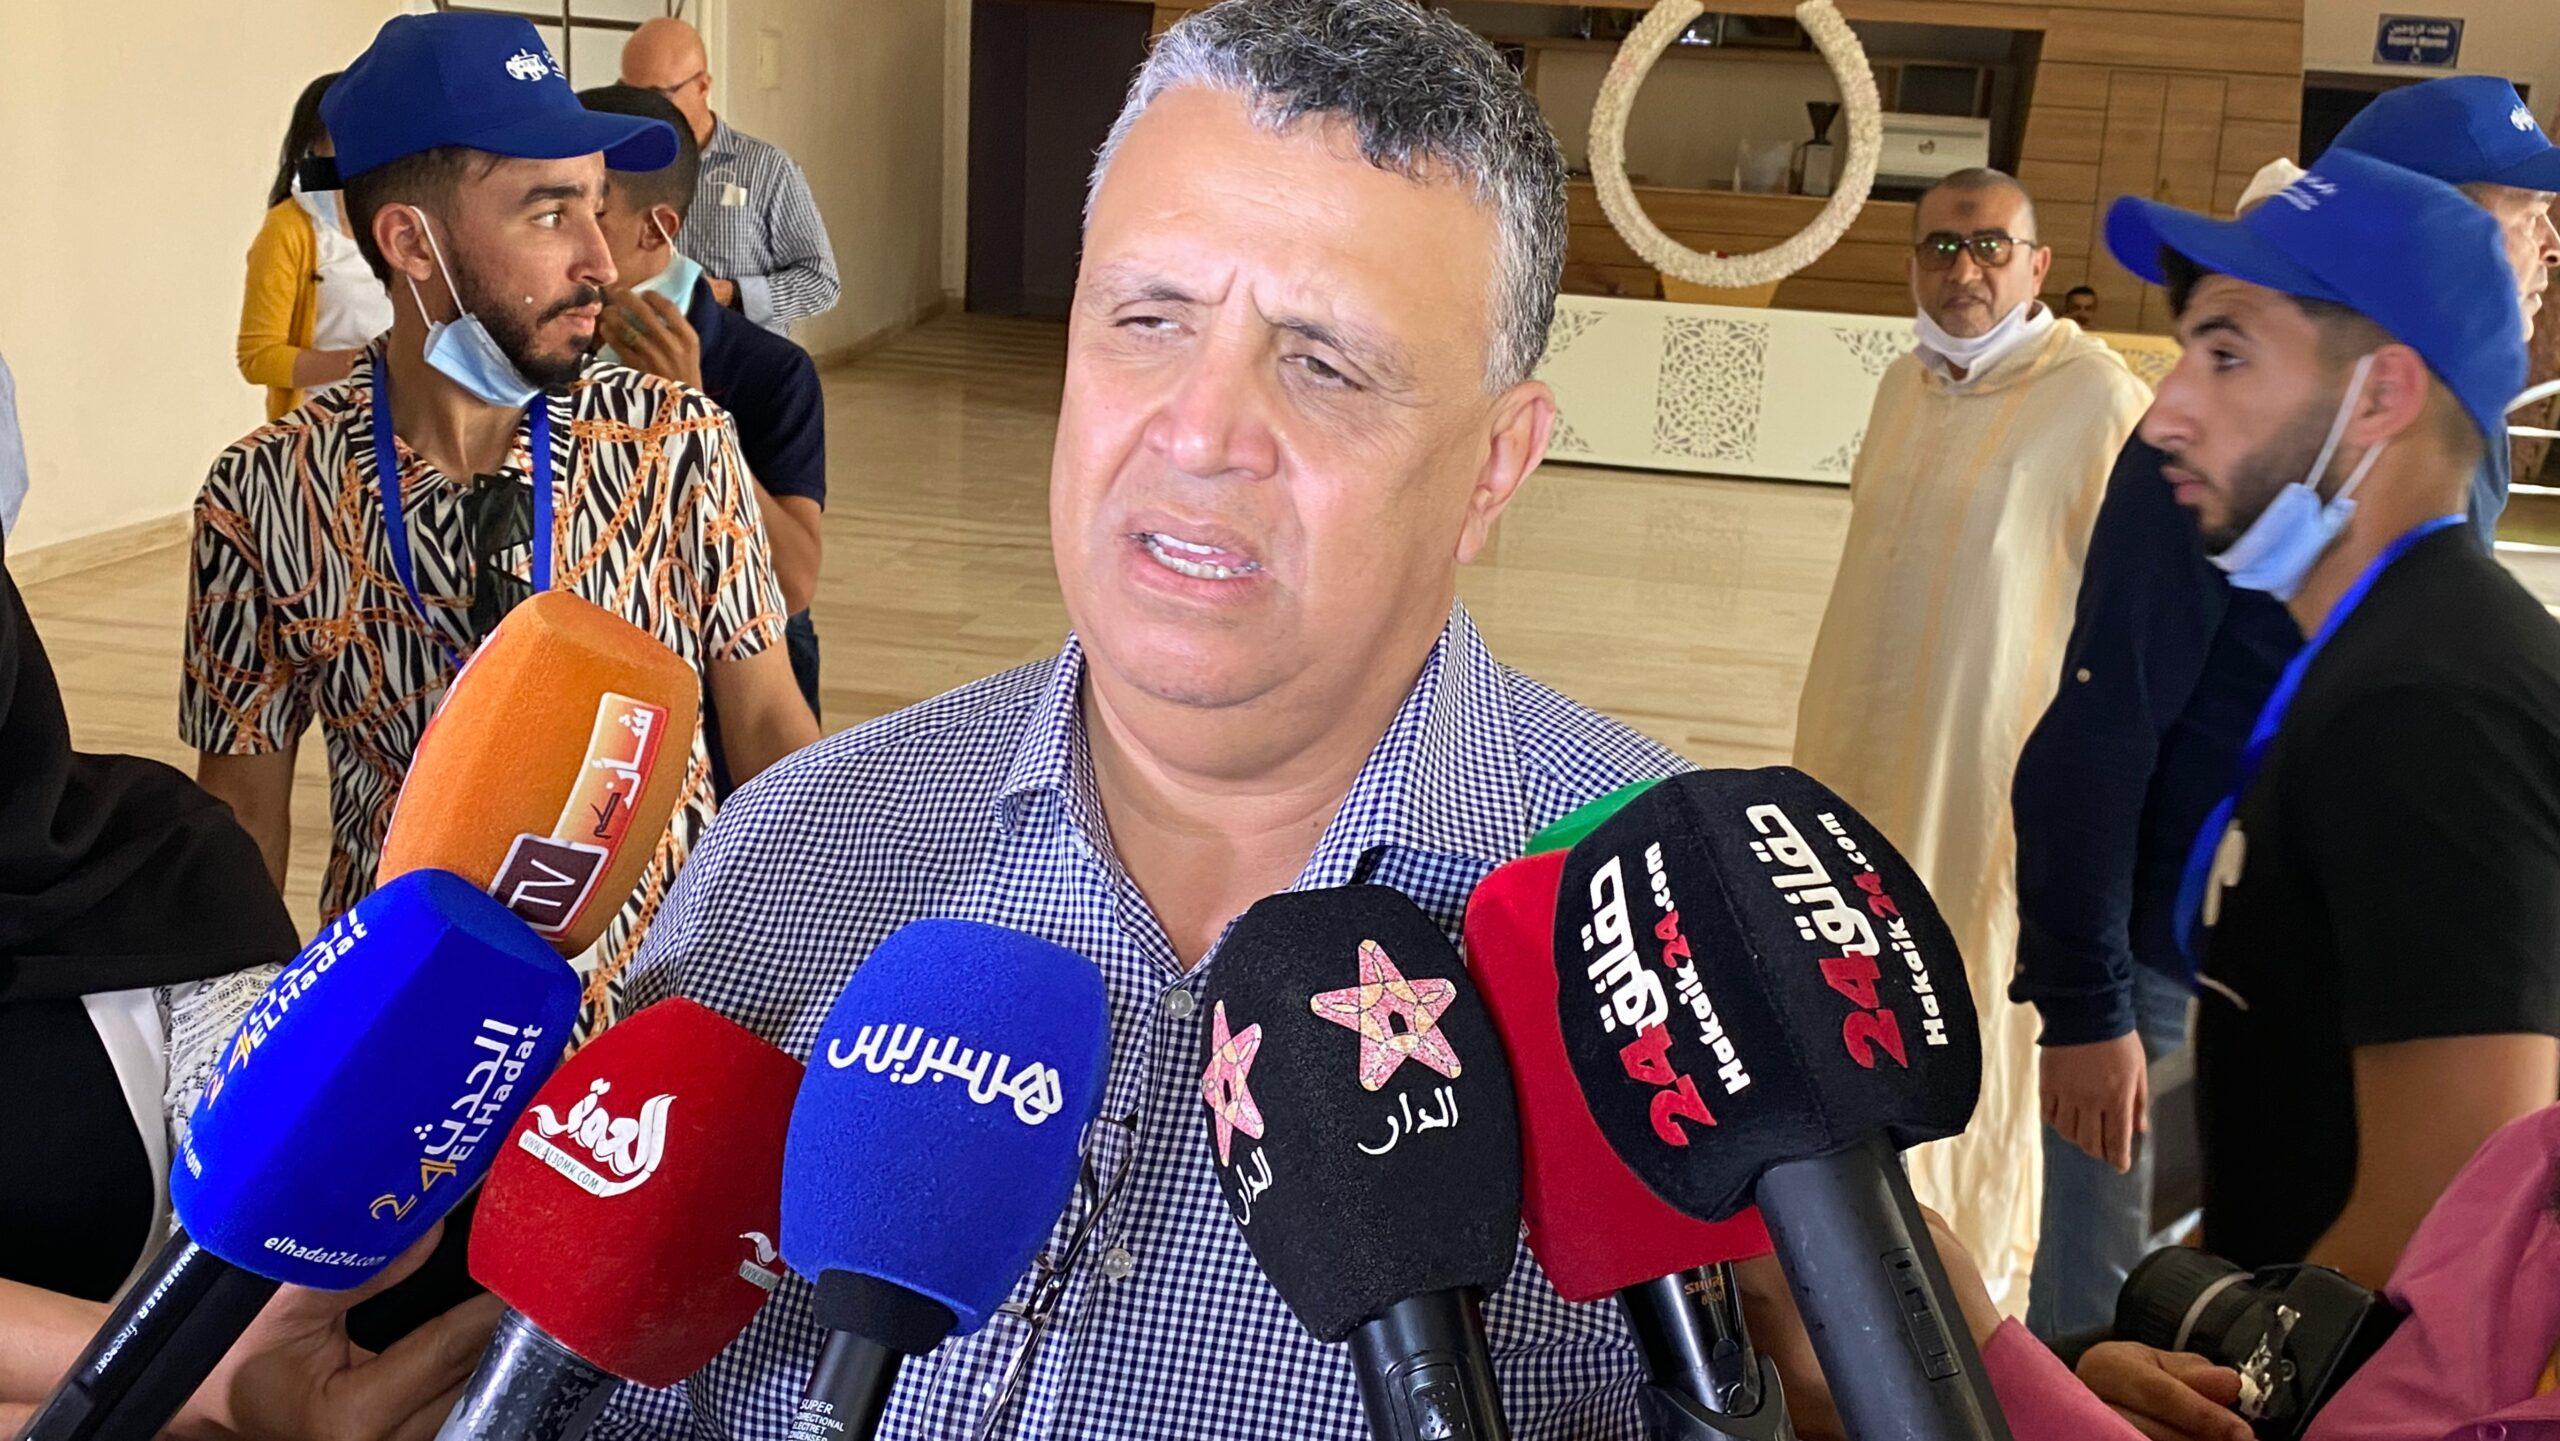 صورة وهبي : المواطن السوسي قدم الكثير للجهة لكنه حصل على القليل بسبب نهب المفسدين للثروات وخيرات المنطقة